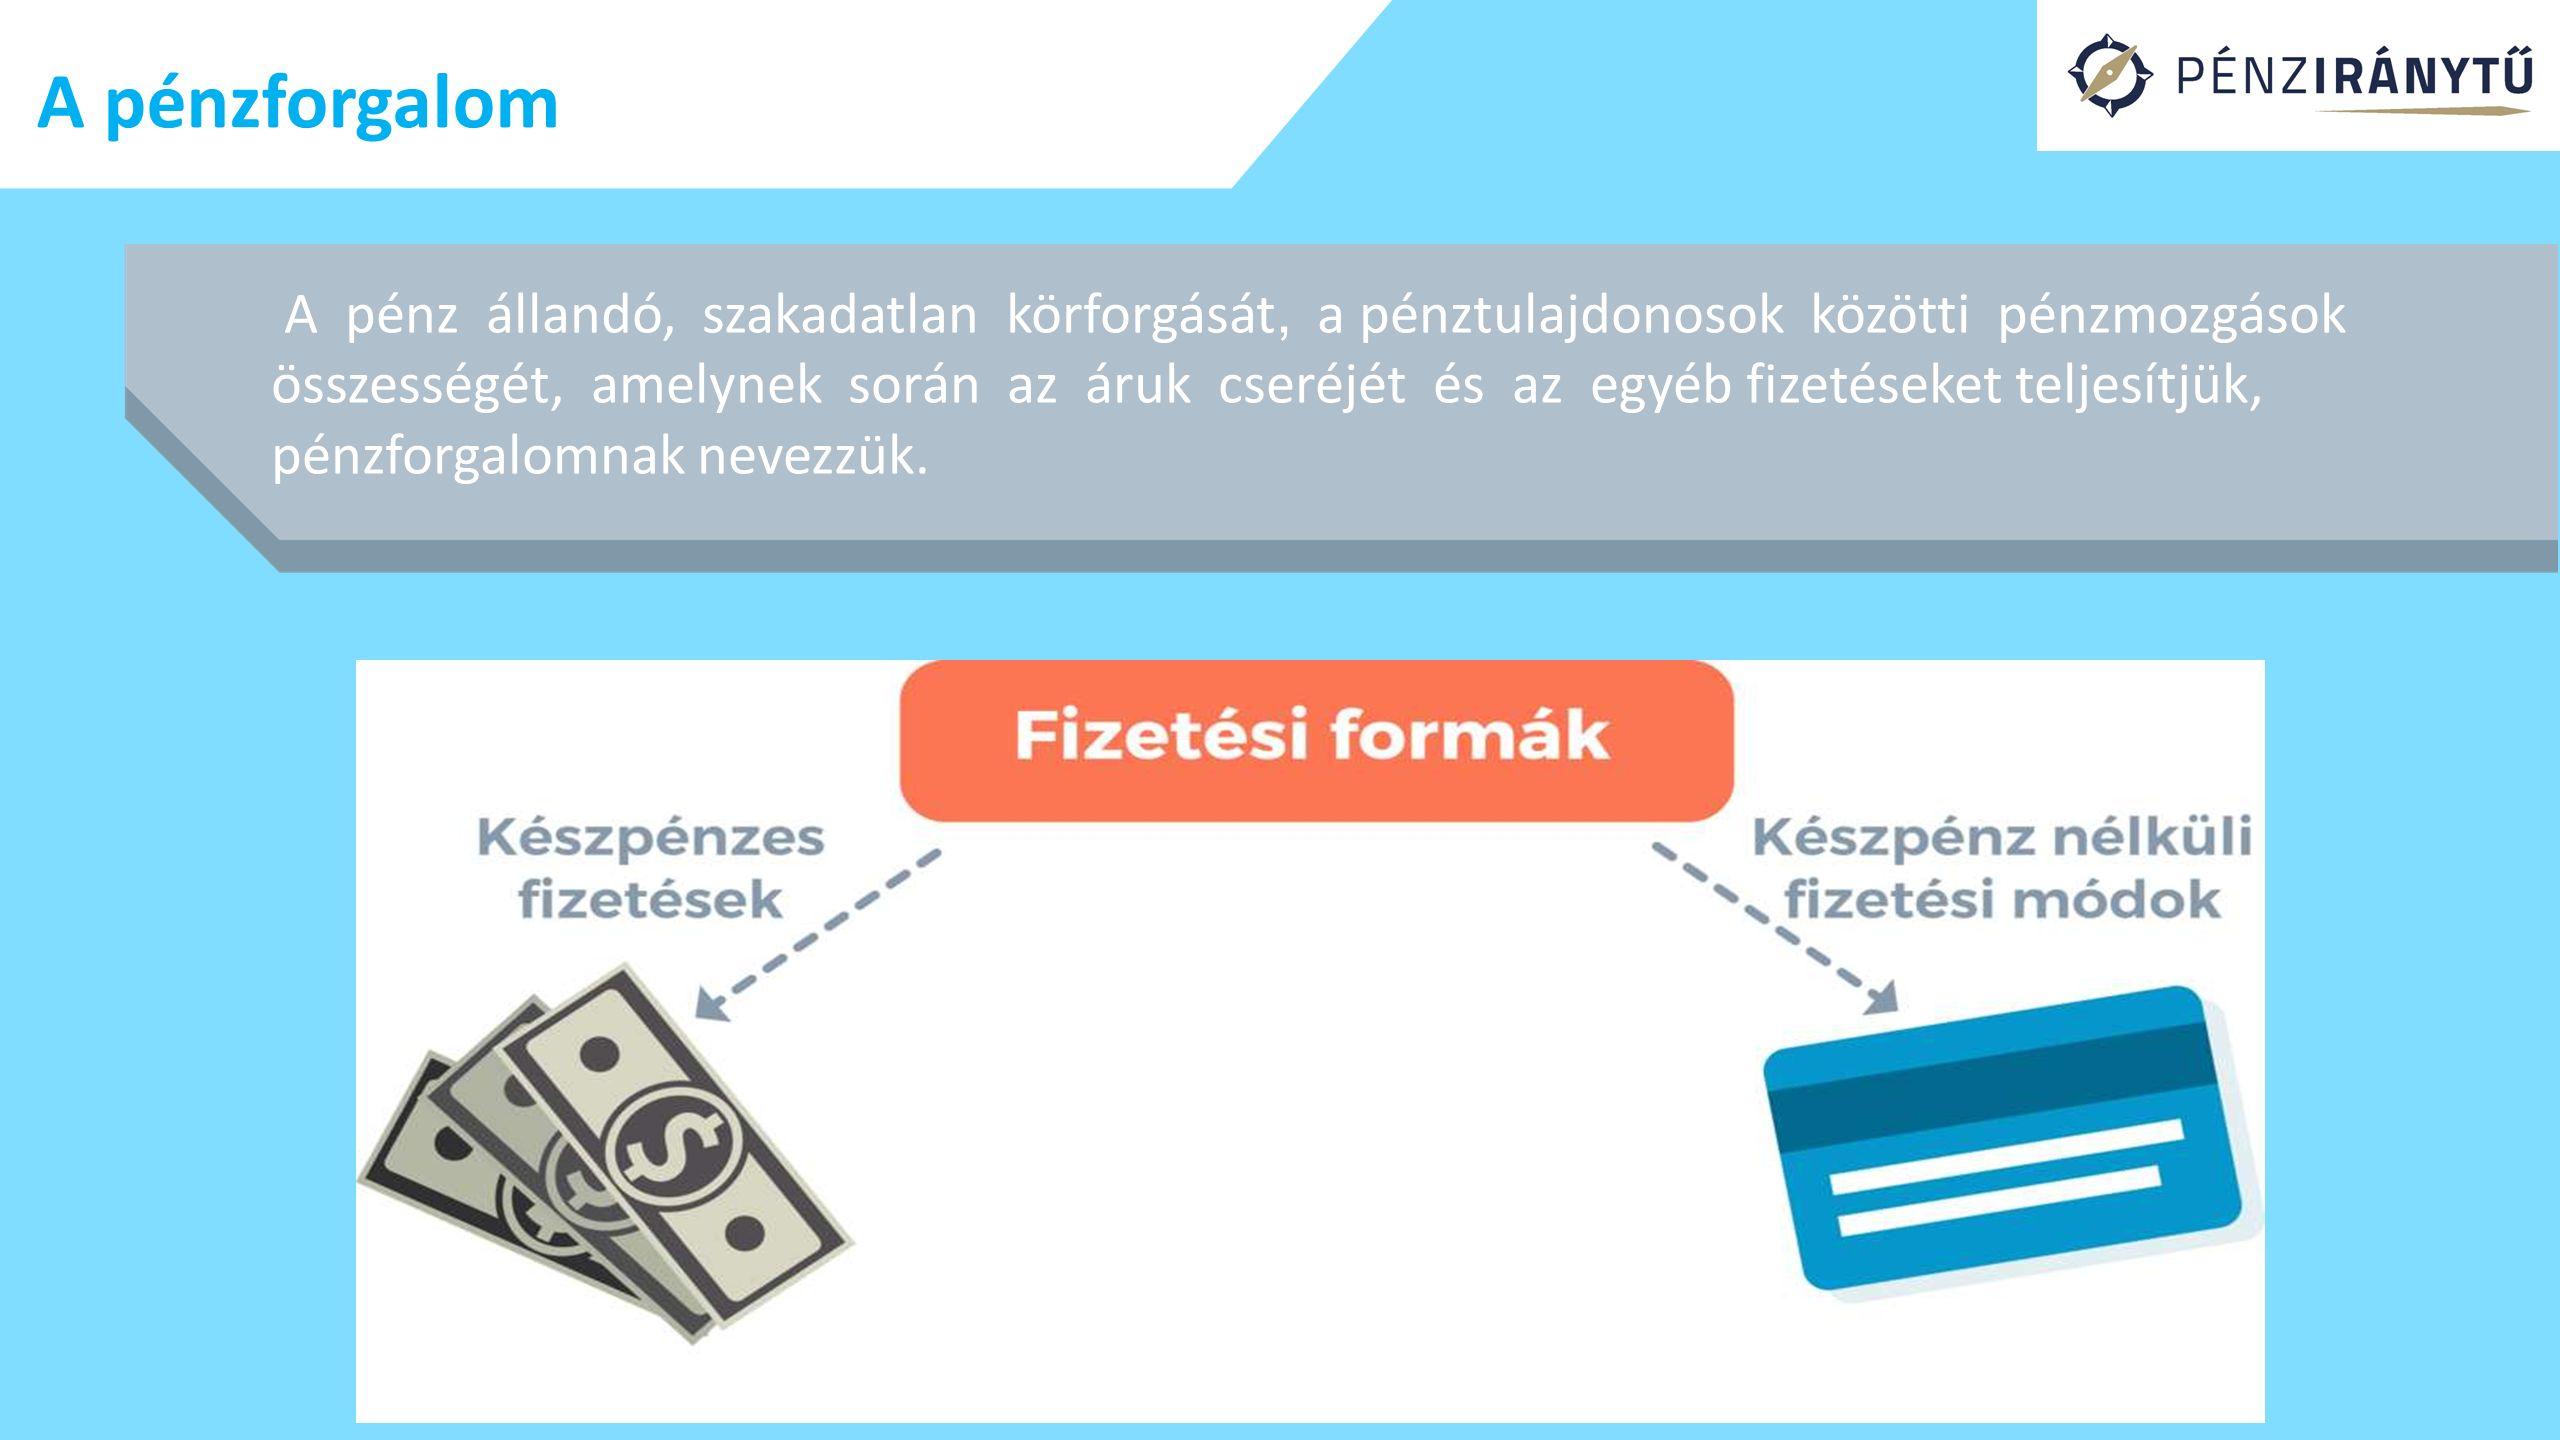 A készpénz nélküli fizetési módok A bankszámlánk segítségével sokféle fizetési megbízást fogadhatunk és küldhetünk.